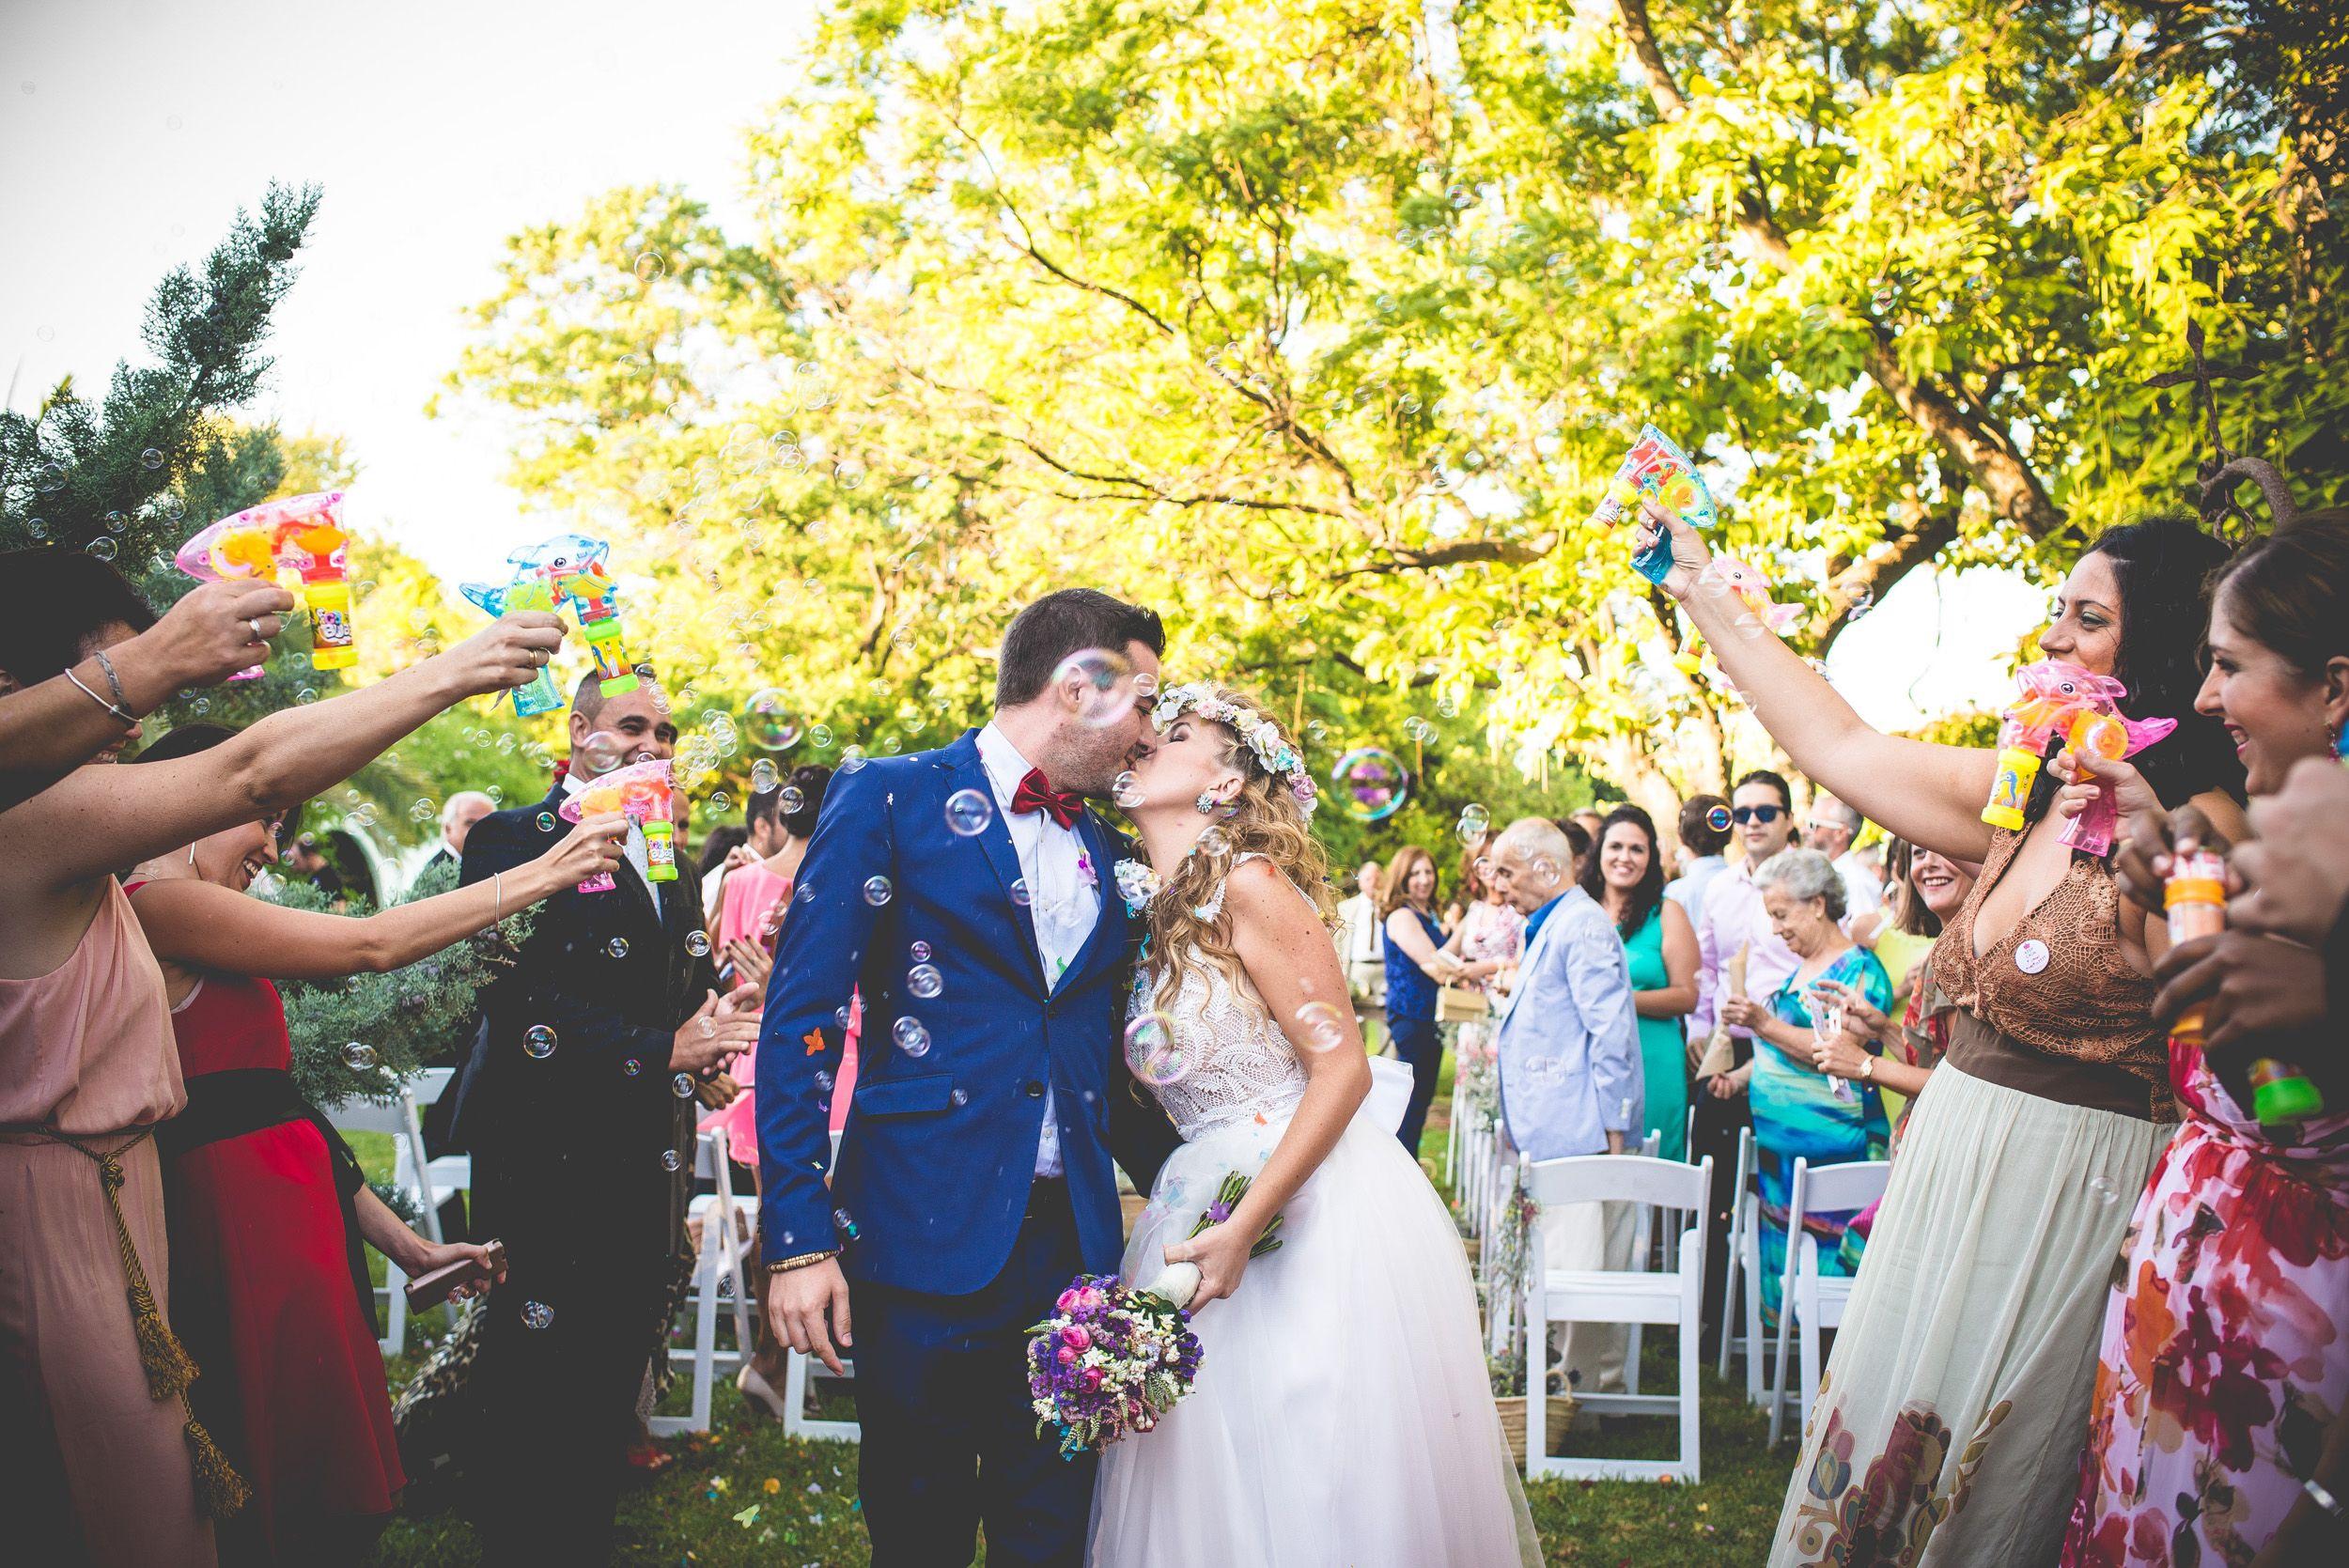 La boda divertida de Marian y Dani de Sweet Studio